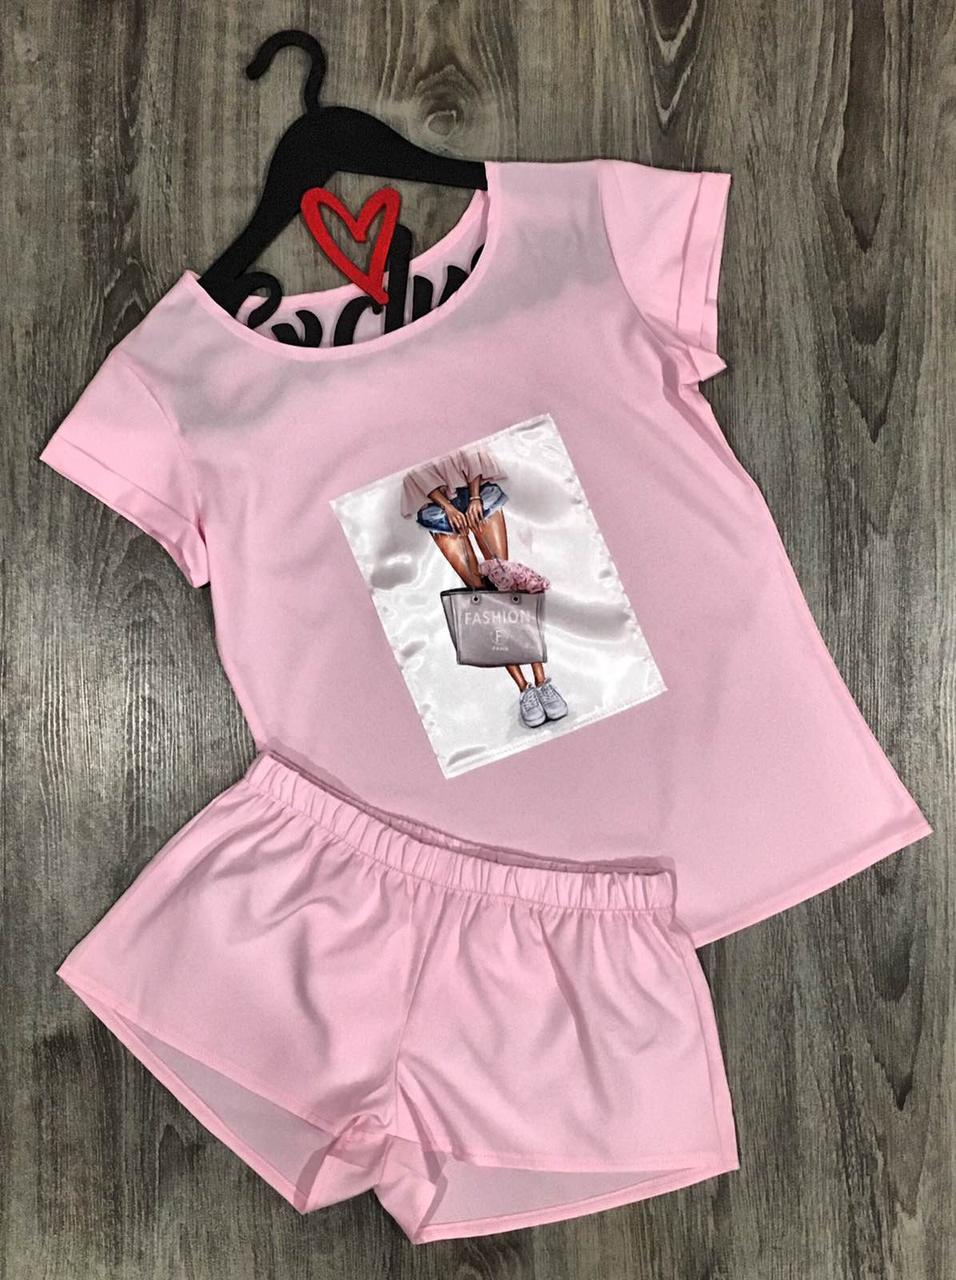 Модная женская пижама, комплект футболка и шорты 609 пинк fashion.